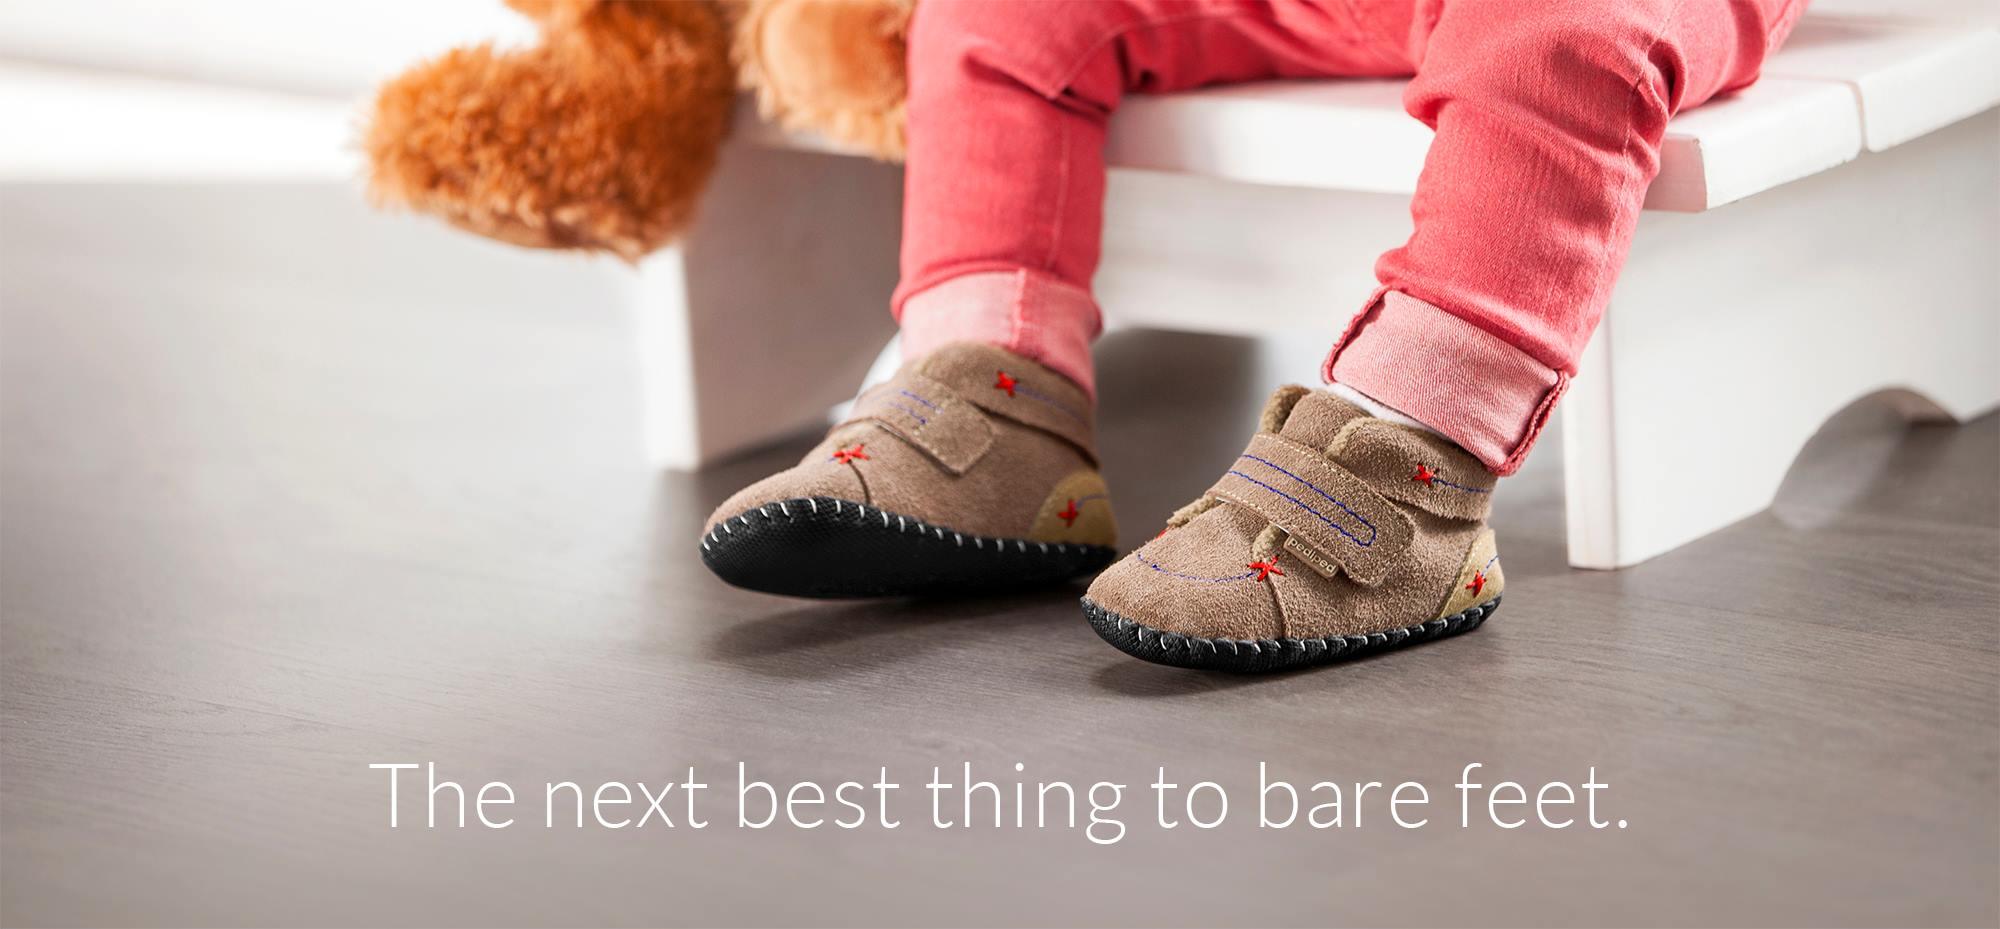 Сбор заказов. Детская обувь pediped. Лучшая обувь для растущих ног. Одобрена Американской Ассоциацией врачей-педиатров